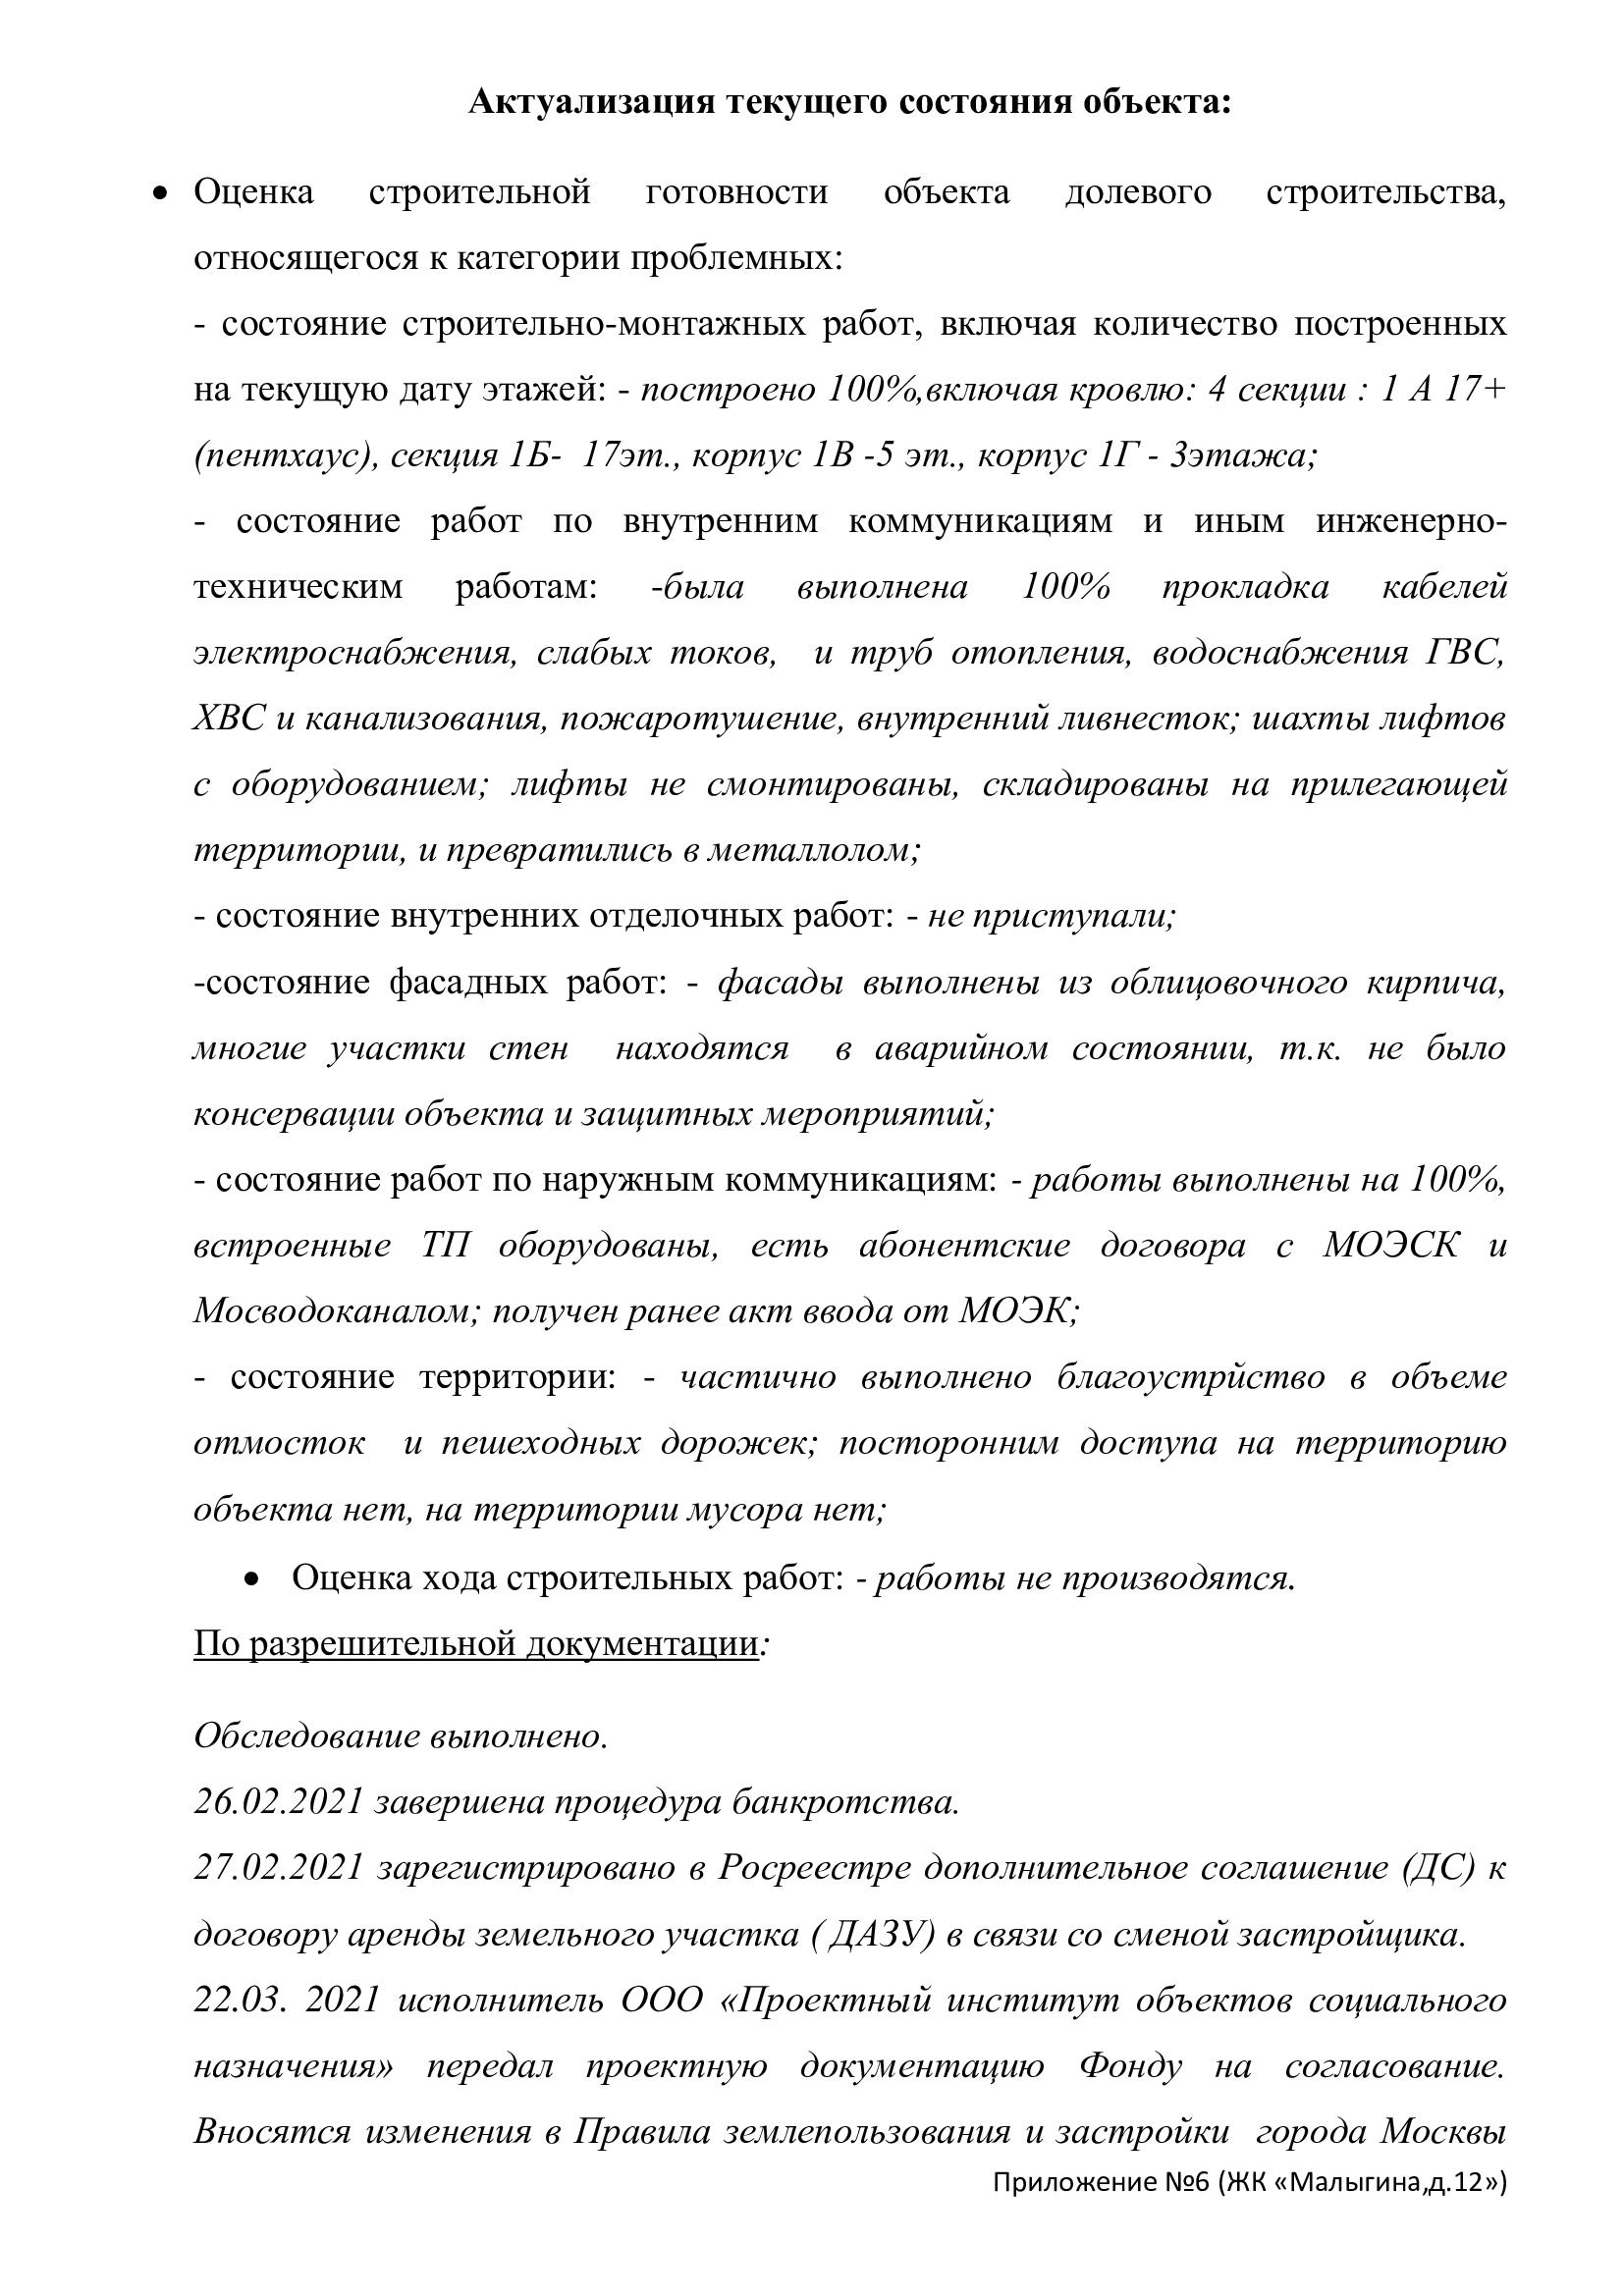 """Аналитическая справка о ходе достройки ЖК """"Малыгина, 12"""""""